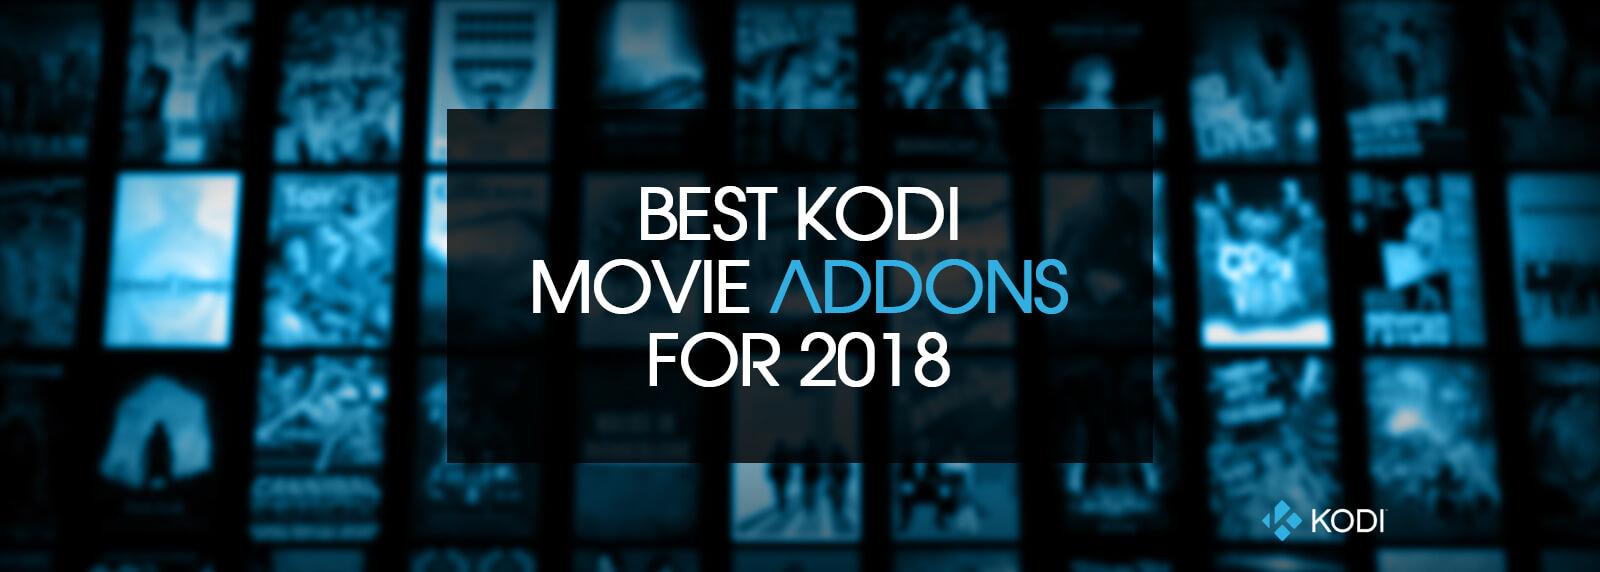 best kodi movies addons